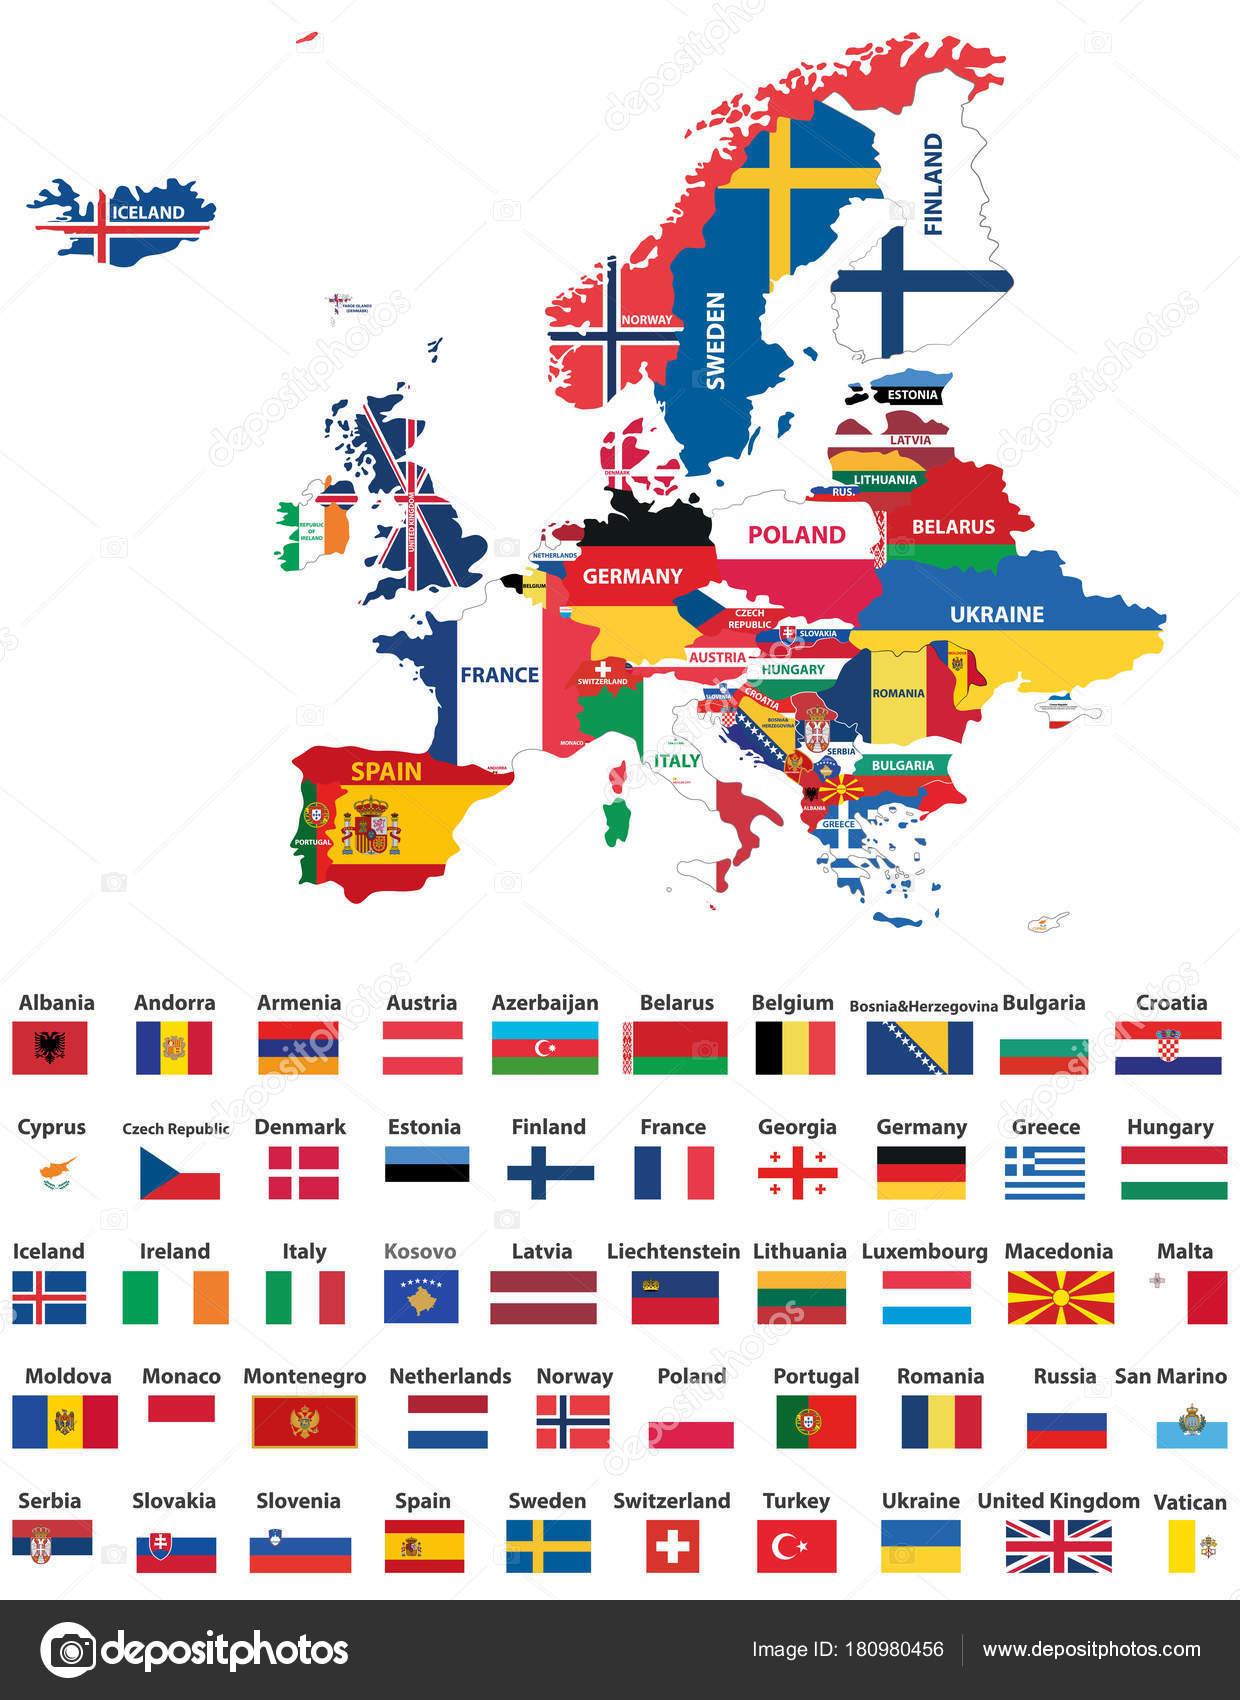 europakarte mit ländern Europakarte Mit Ländern Nationalflaggen Gemischt Alle Europäische  europakarte mit ländern